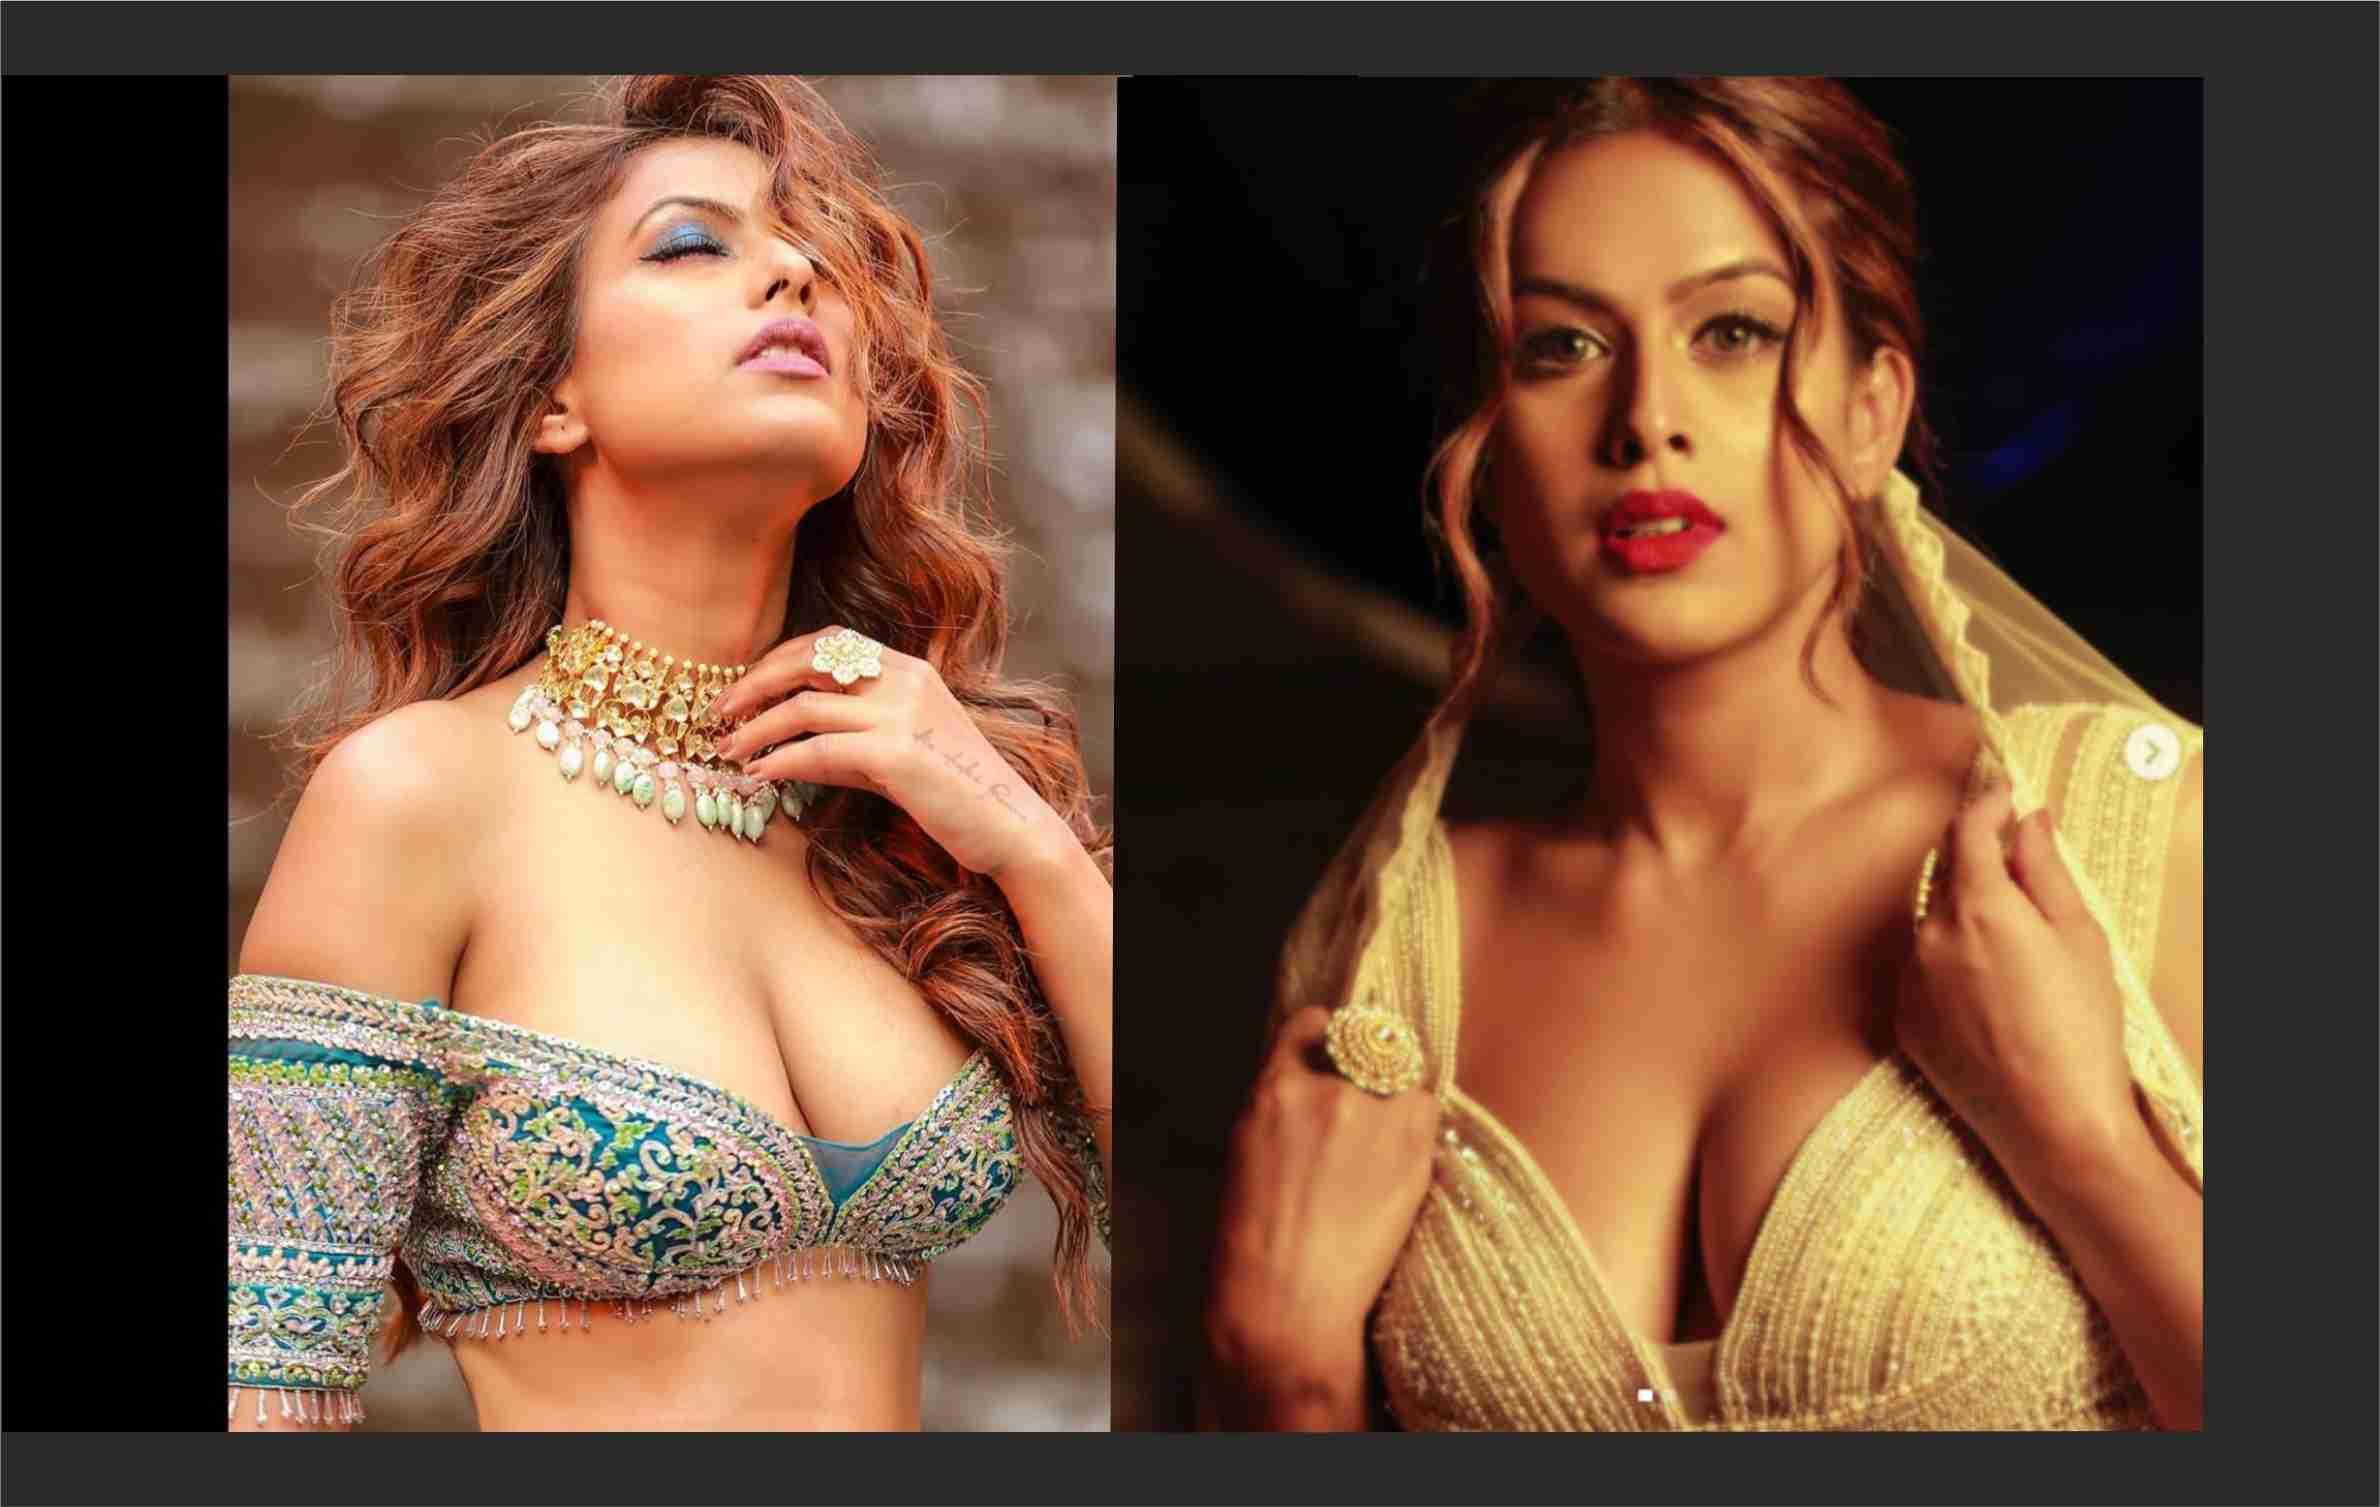 Nia Sharma ने स्टाइलिश ड्रेस में दिखाये सेक्सी क्लीवेज, सेक्सी फोटो वीडियो इंटरनेट पर मचा रही हैं सनसनी, देखें हाॅट वीडियो !